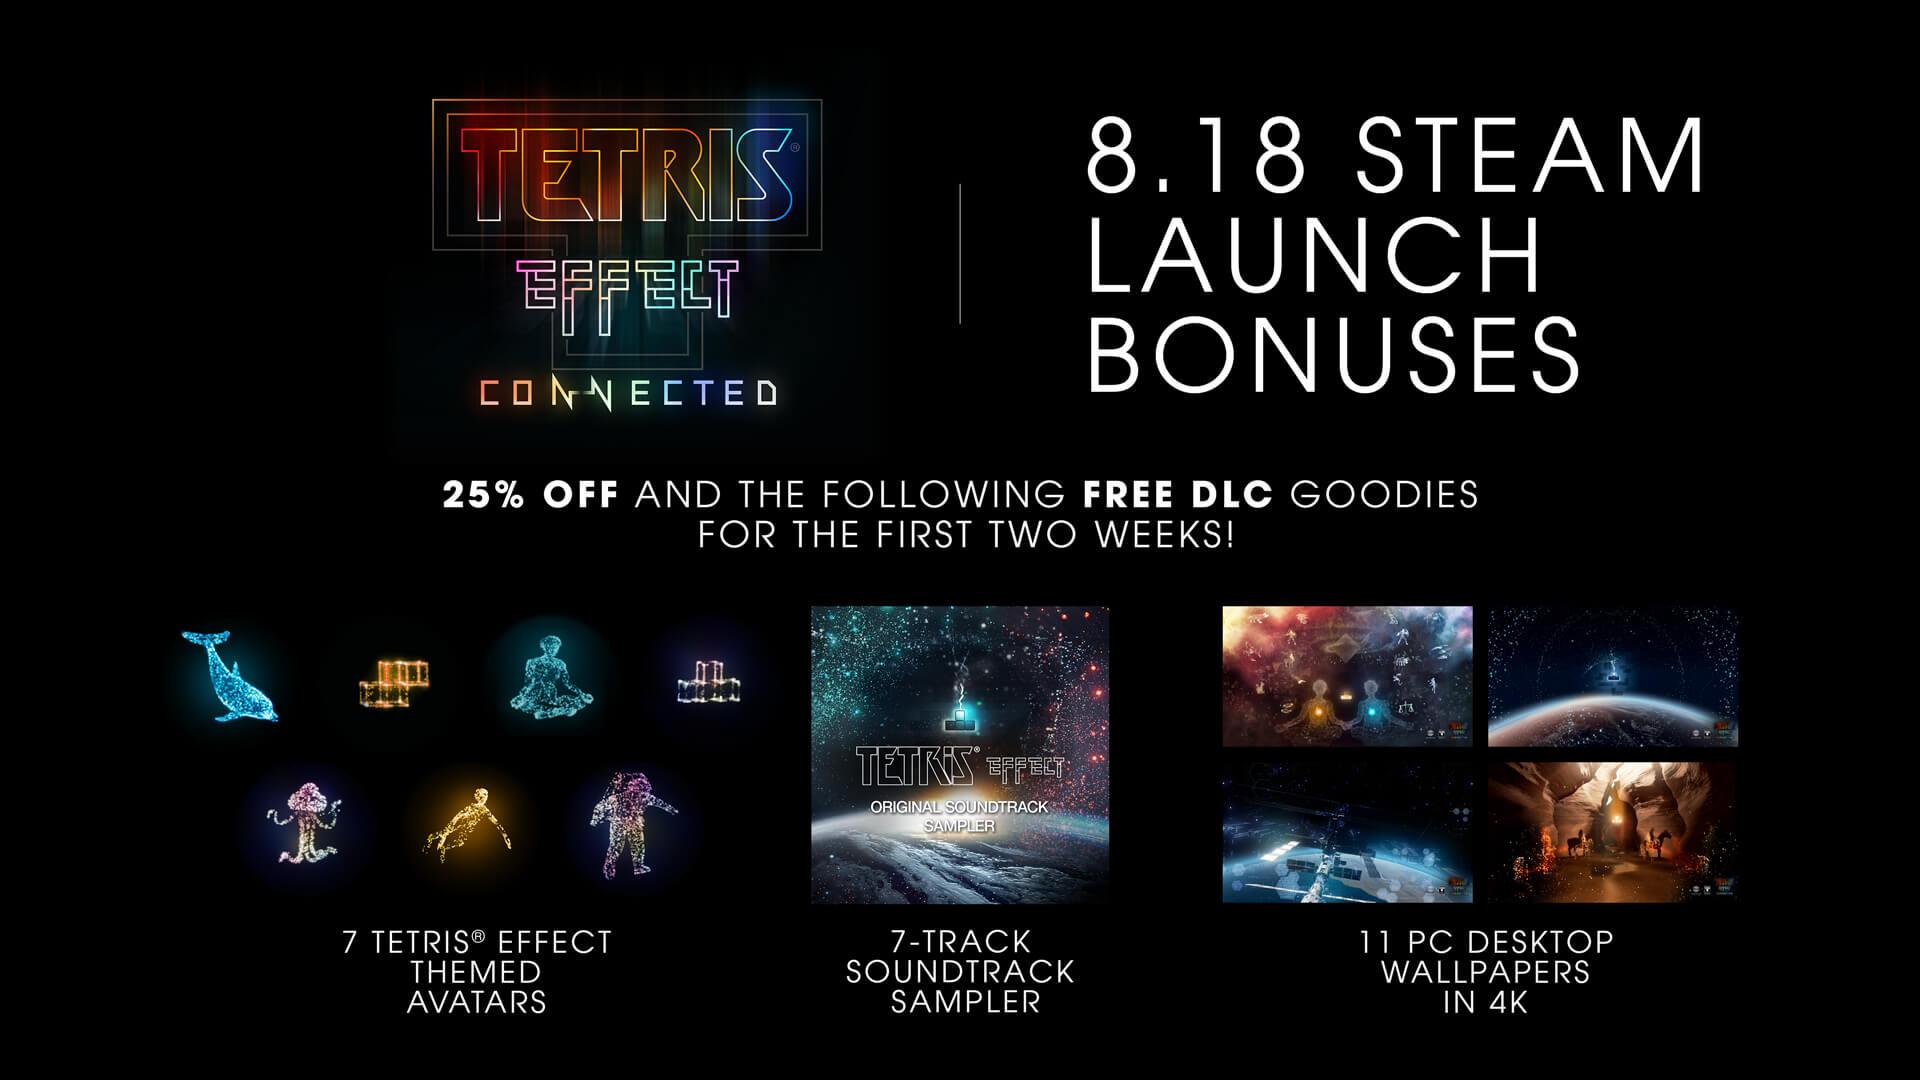 tec_steam_launch_bonuses_1080p